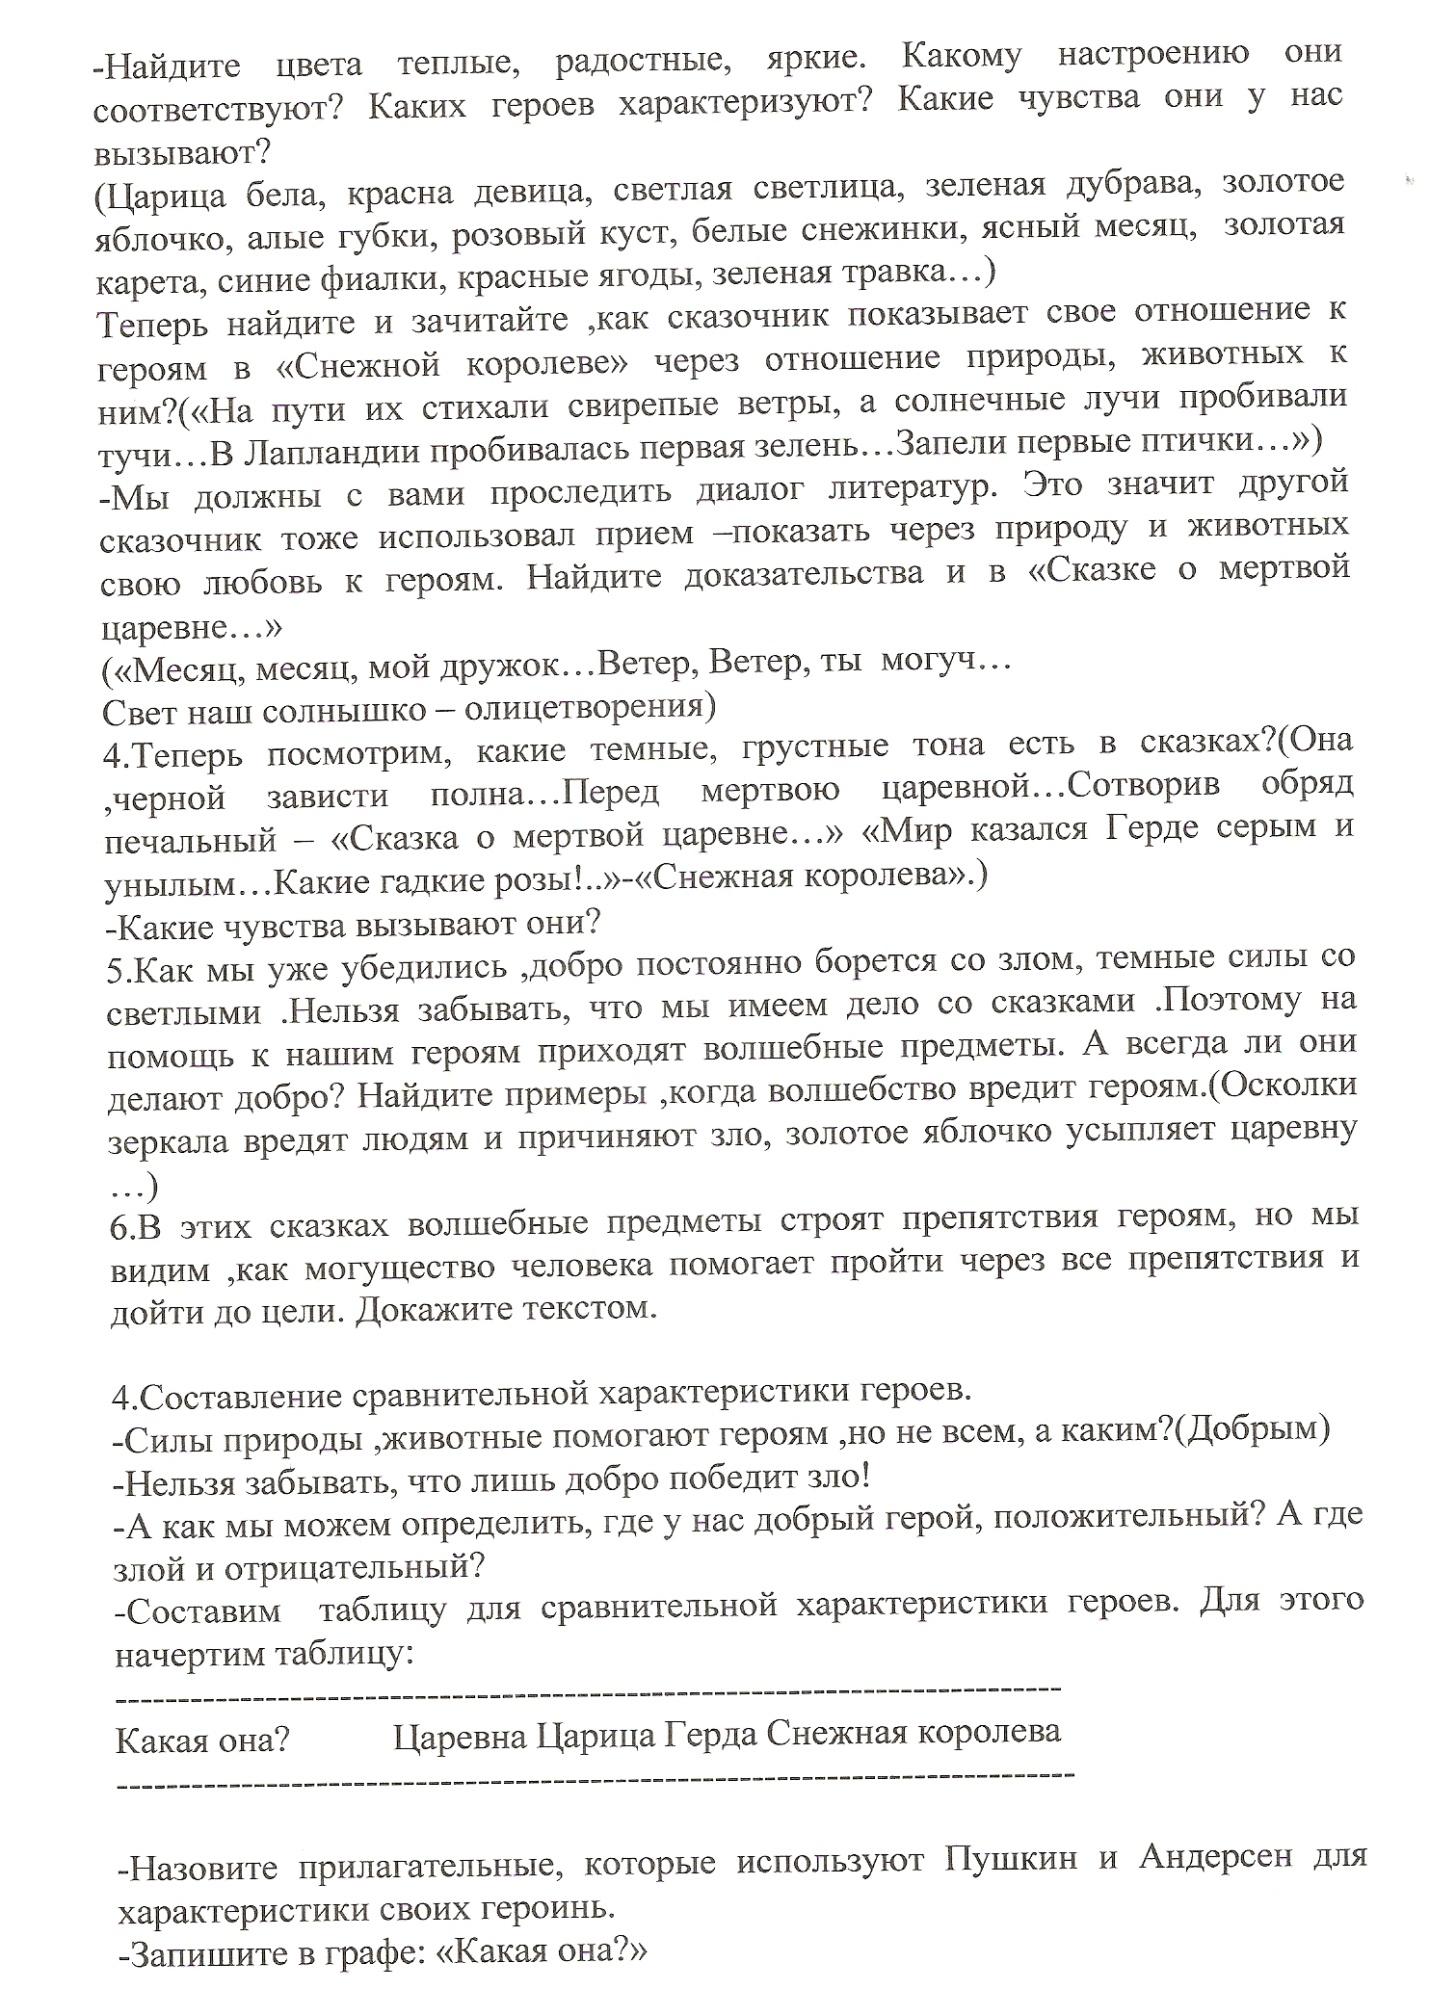 D:\Сохранение\Русский язык и литература\Интеграция и диалог литератур\диалог литератур\сканирование0022.jpg